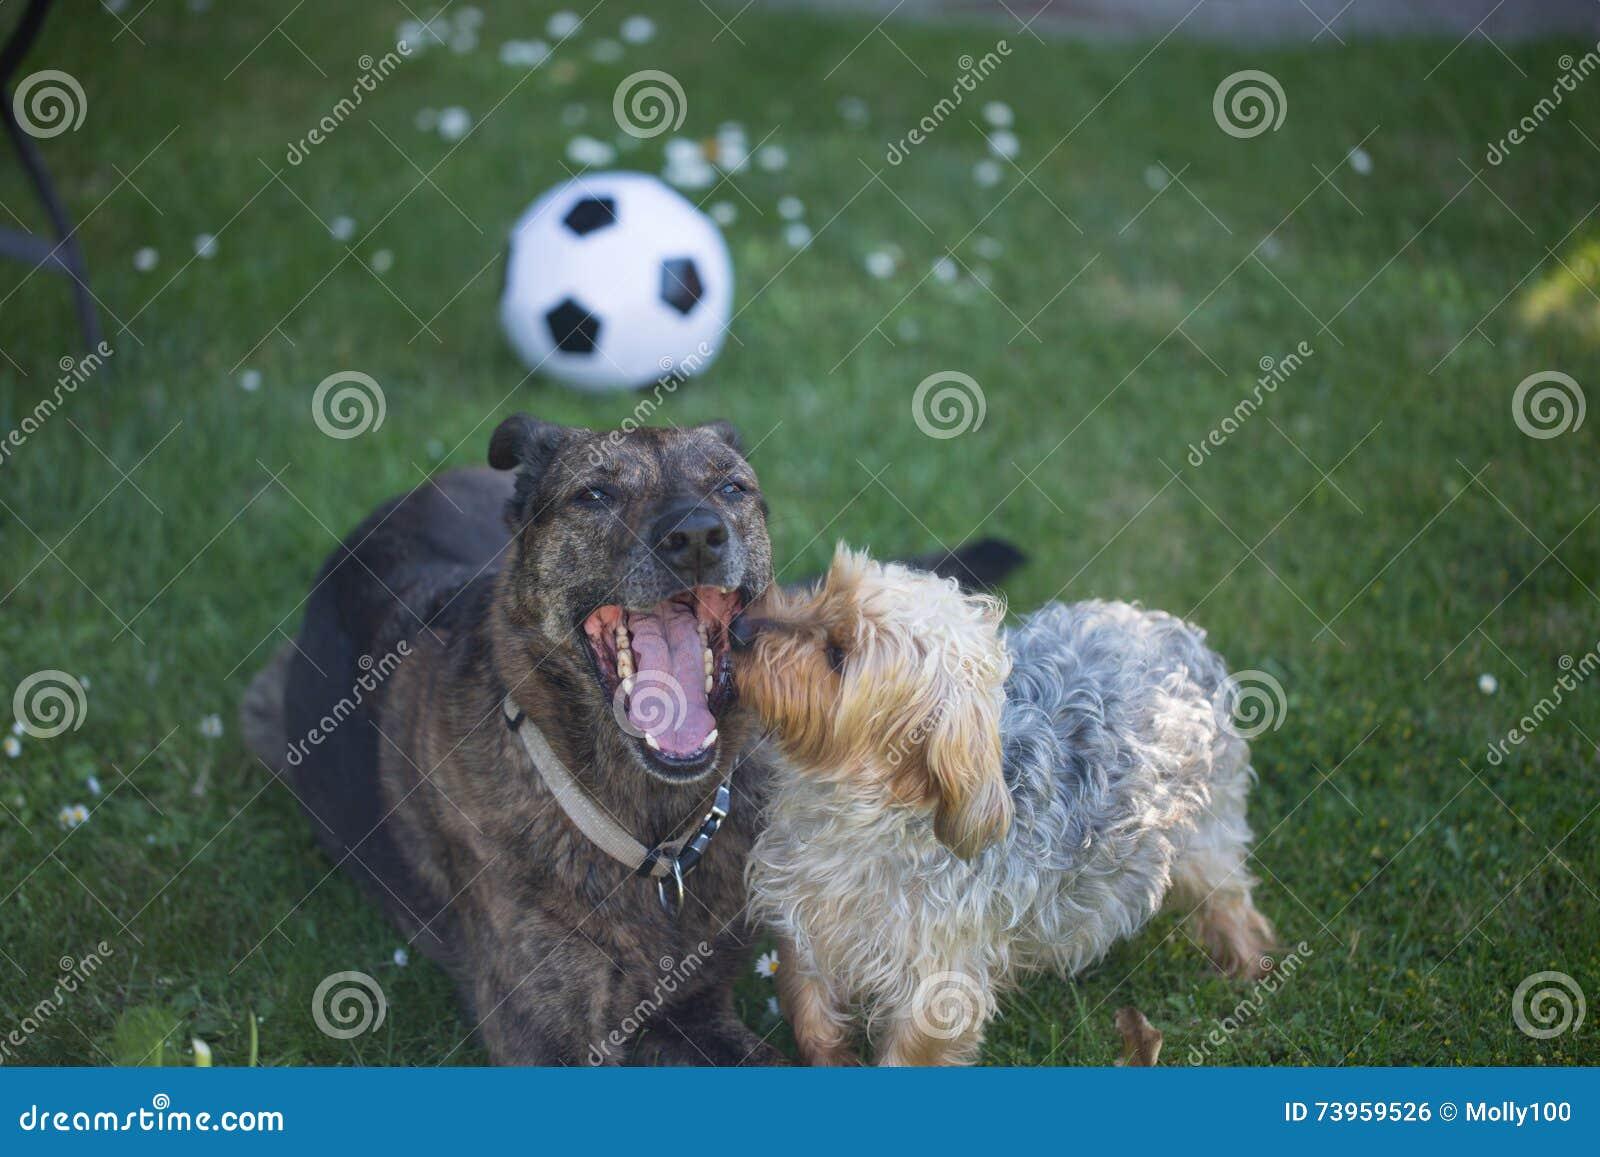 Yorkshire Terrier kijkt Herdersmengeling in de mond